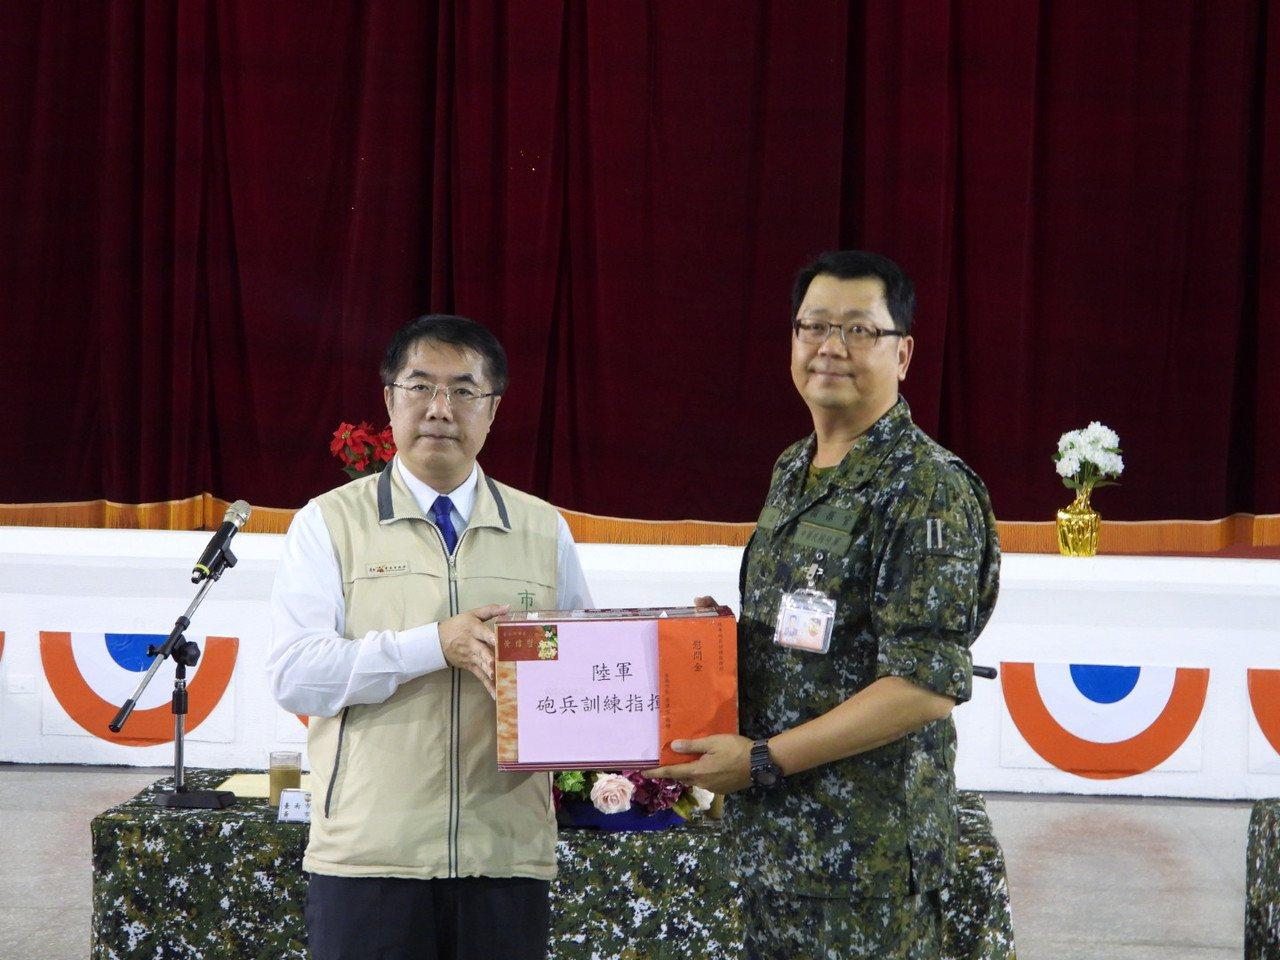 台南市長黃偉哲率團到砲兵指揮部勞軍,感恩天災時軍方投入救助。記者周宗禎/攝影